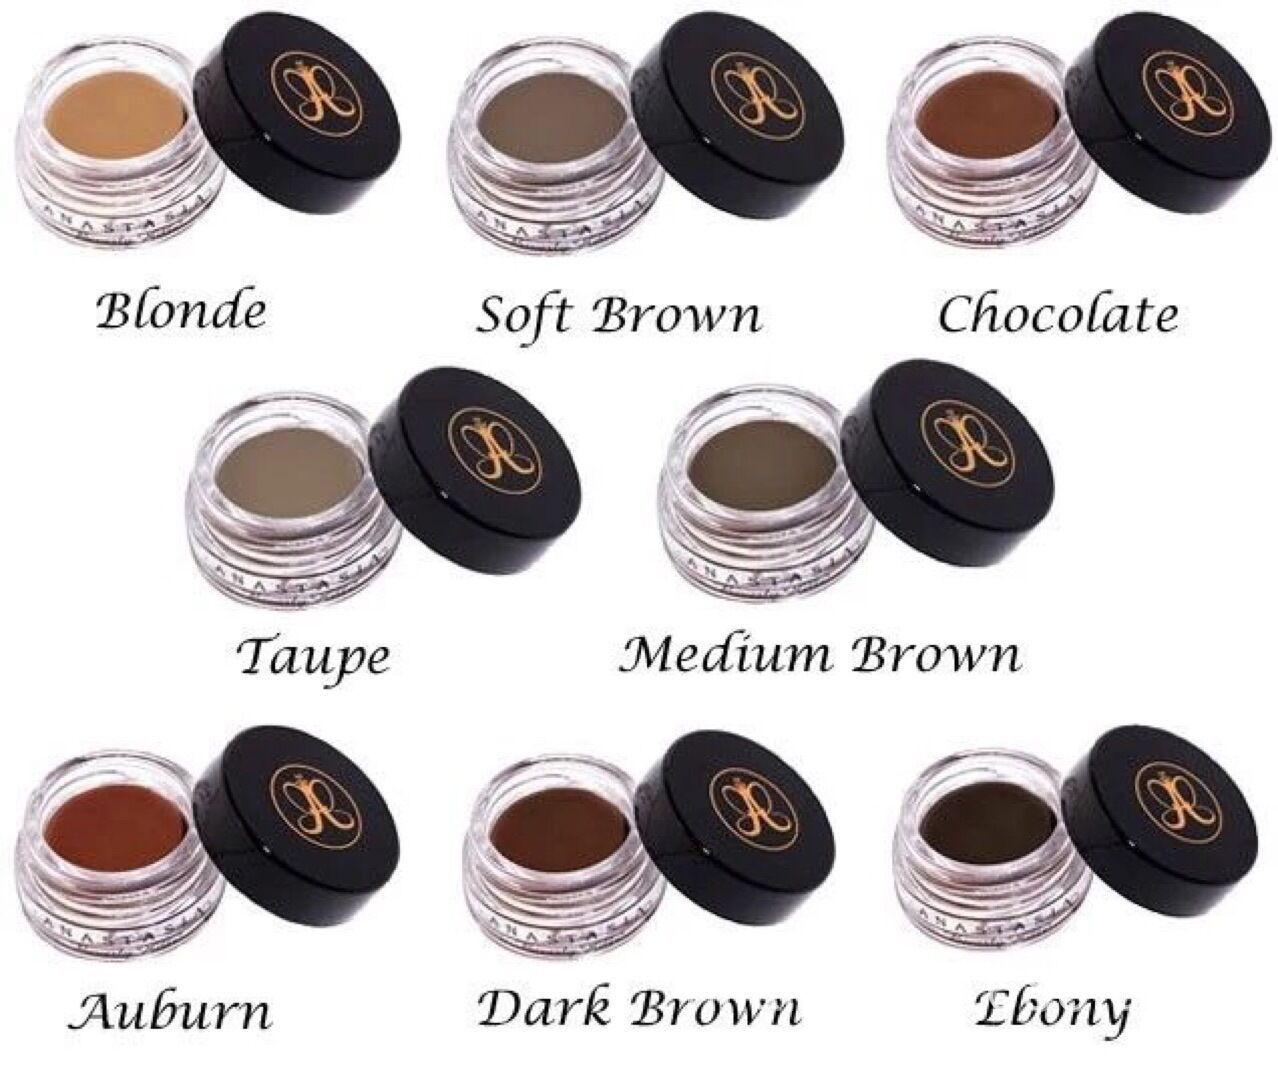 Anastasia Beverly Hills Hot Dipbrow Pomade Medium Brown Waterproof